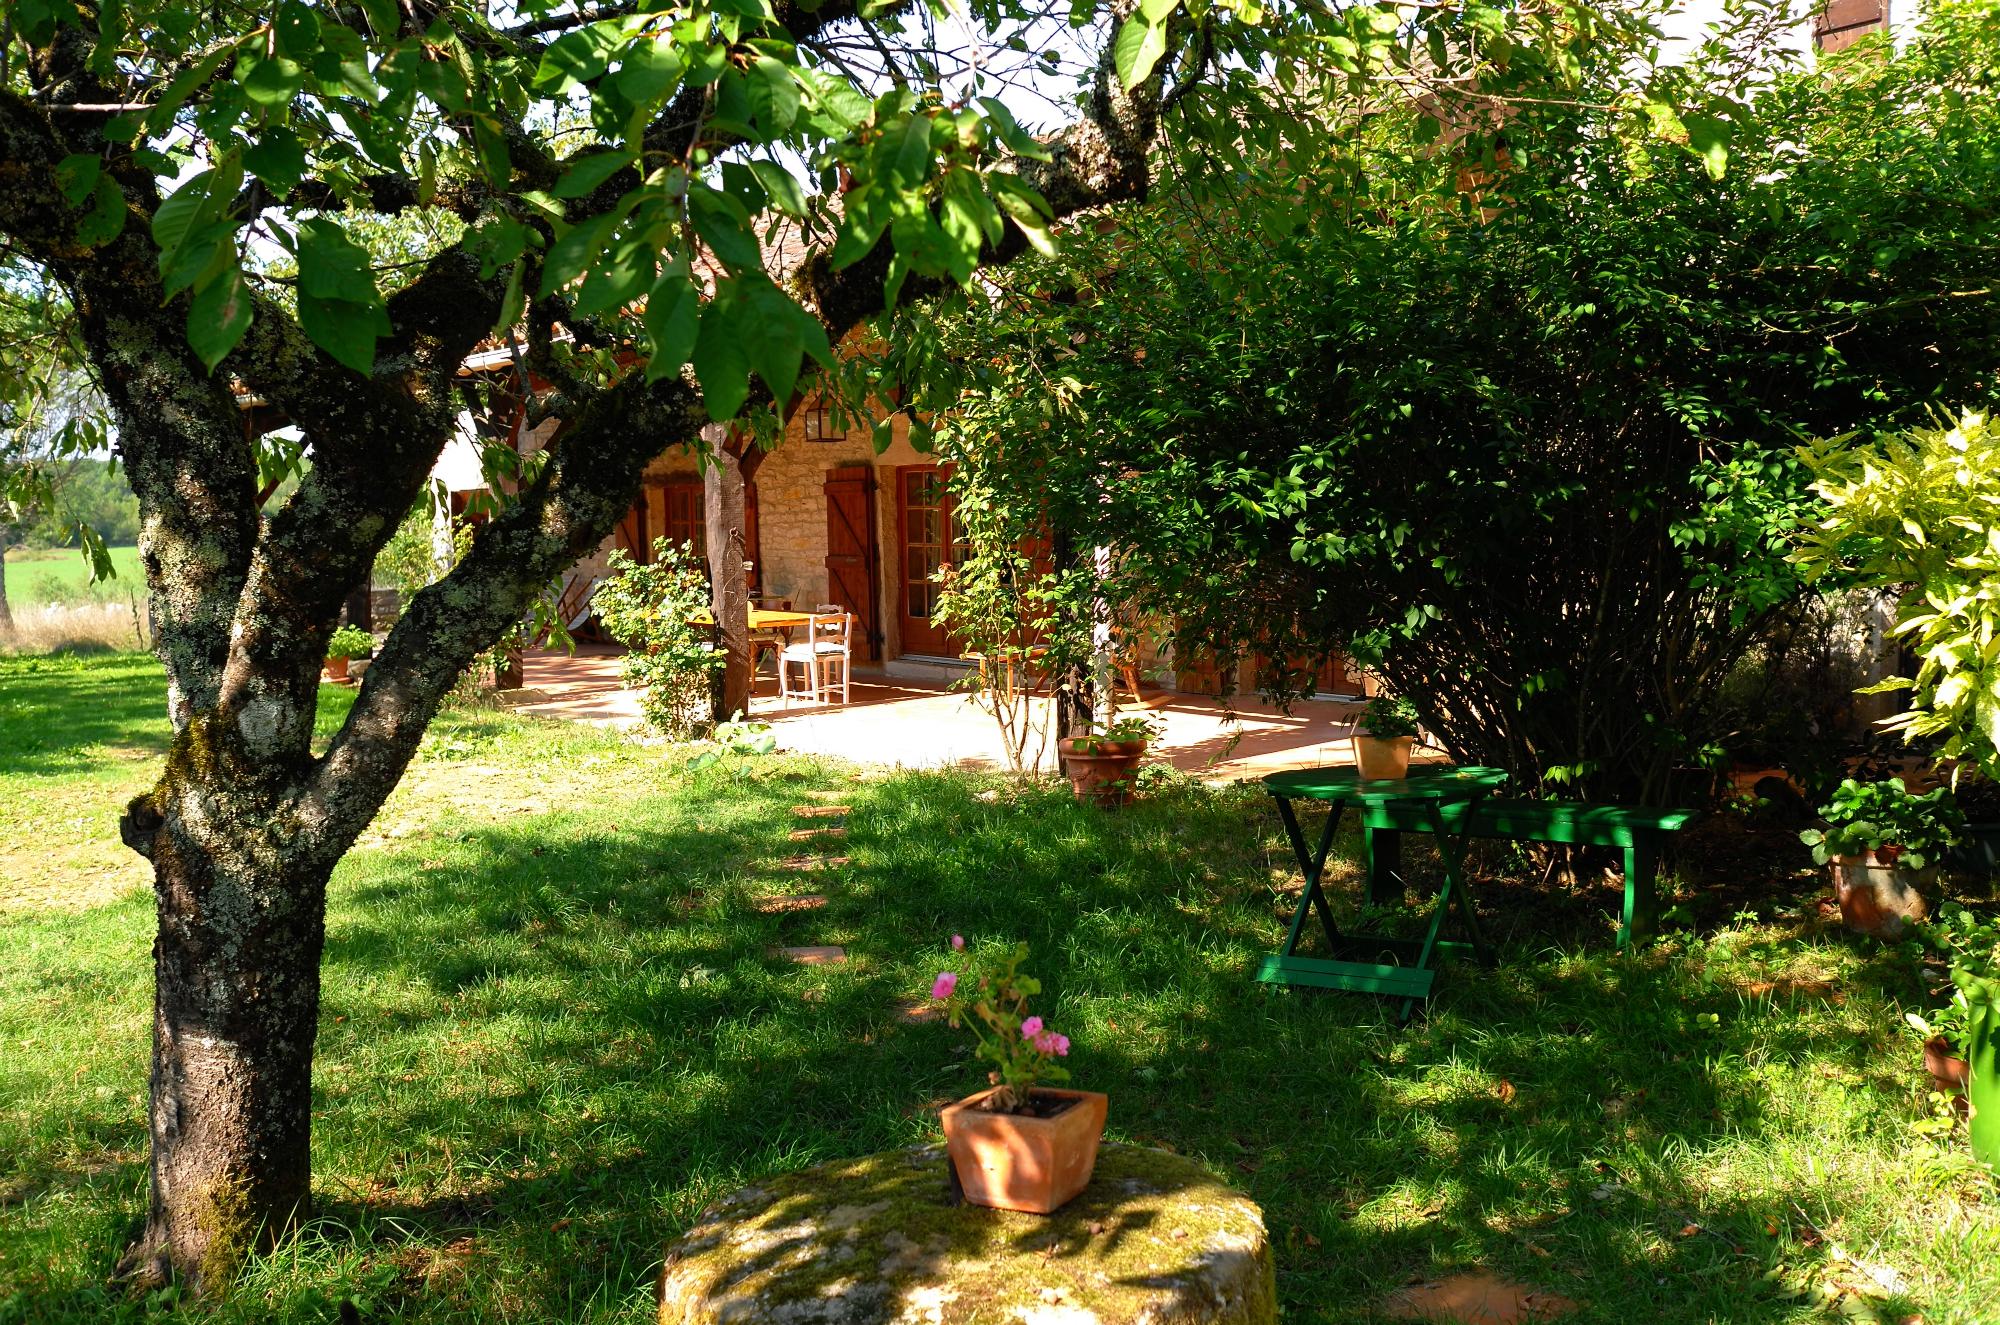 Fourchette pinceau le jardin maison d 39 h tes fourchette - Le petit jardin wittenberge colombes ...